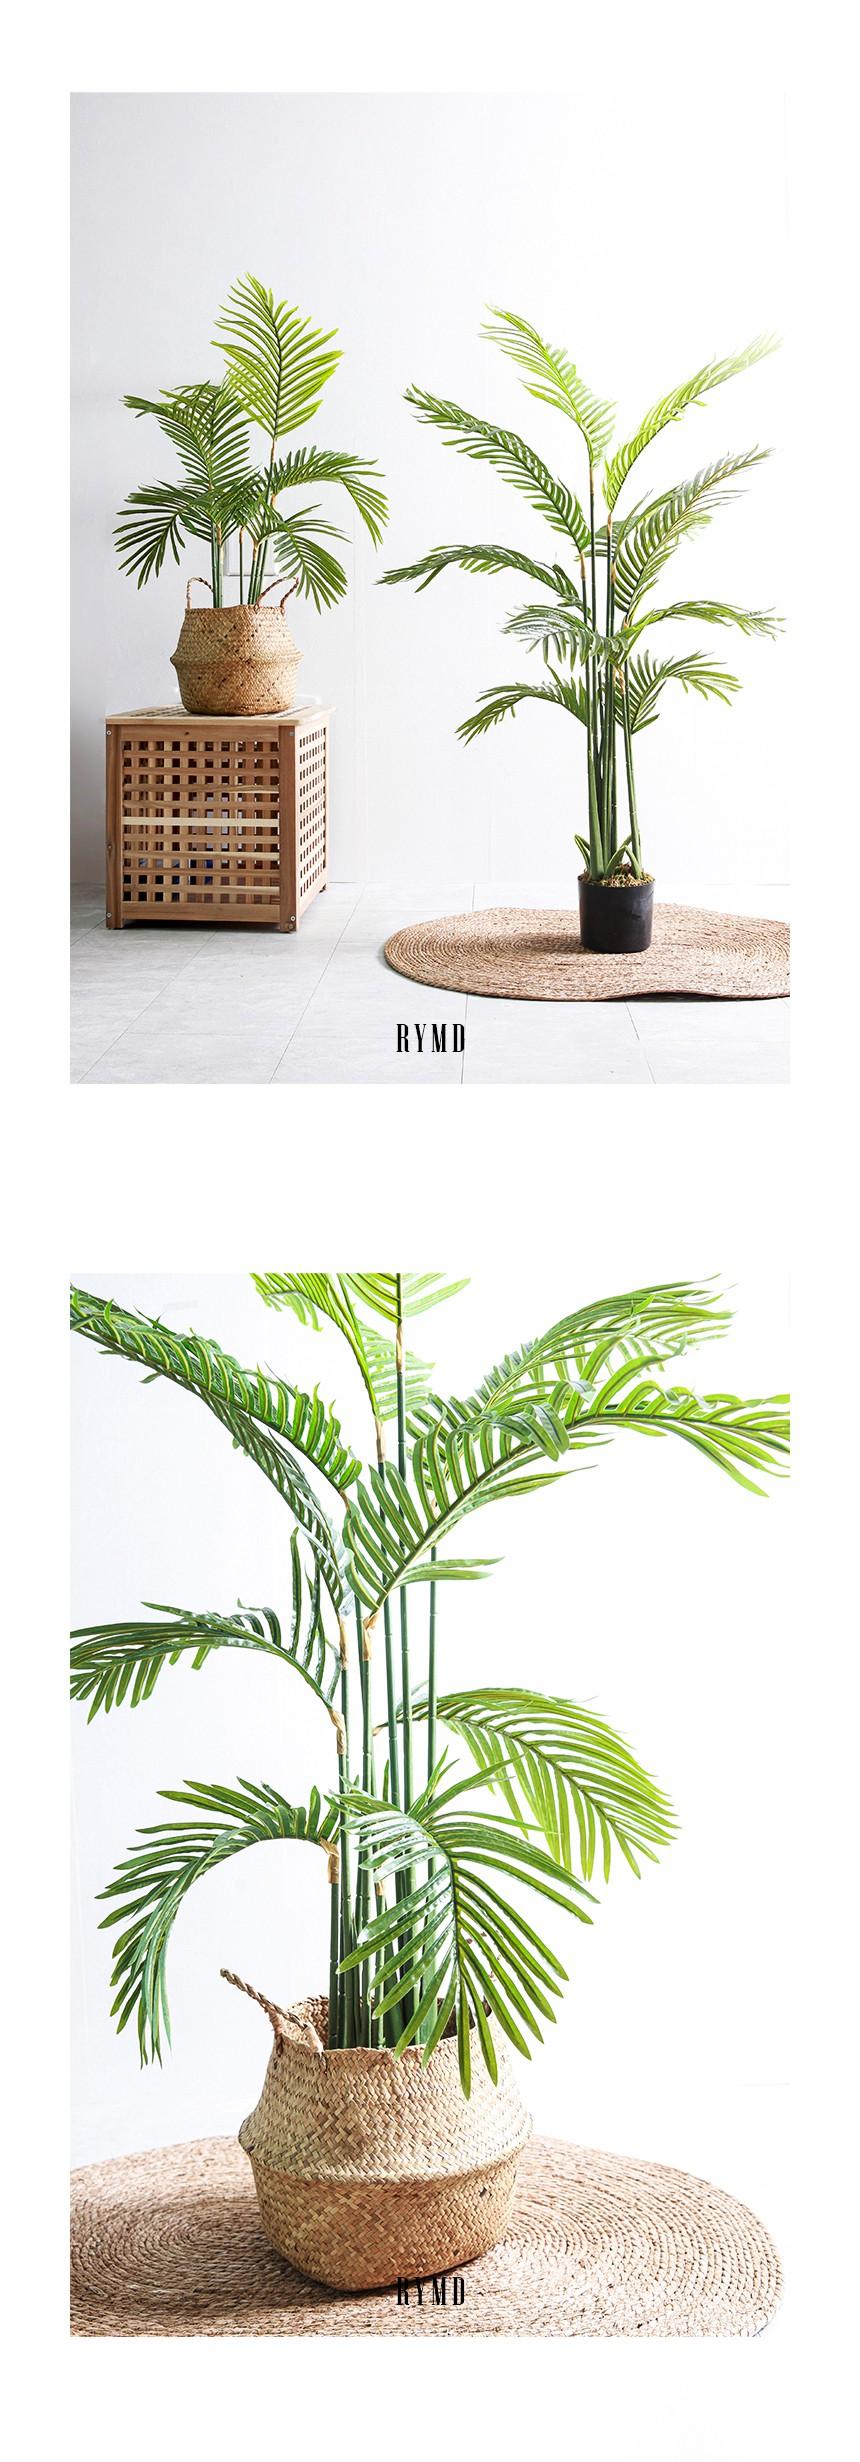 greenery-areca-tree_02.jpg